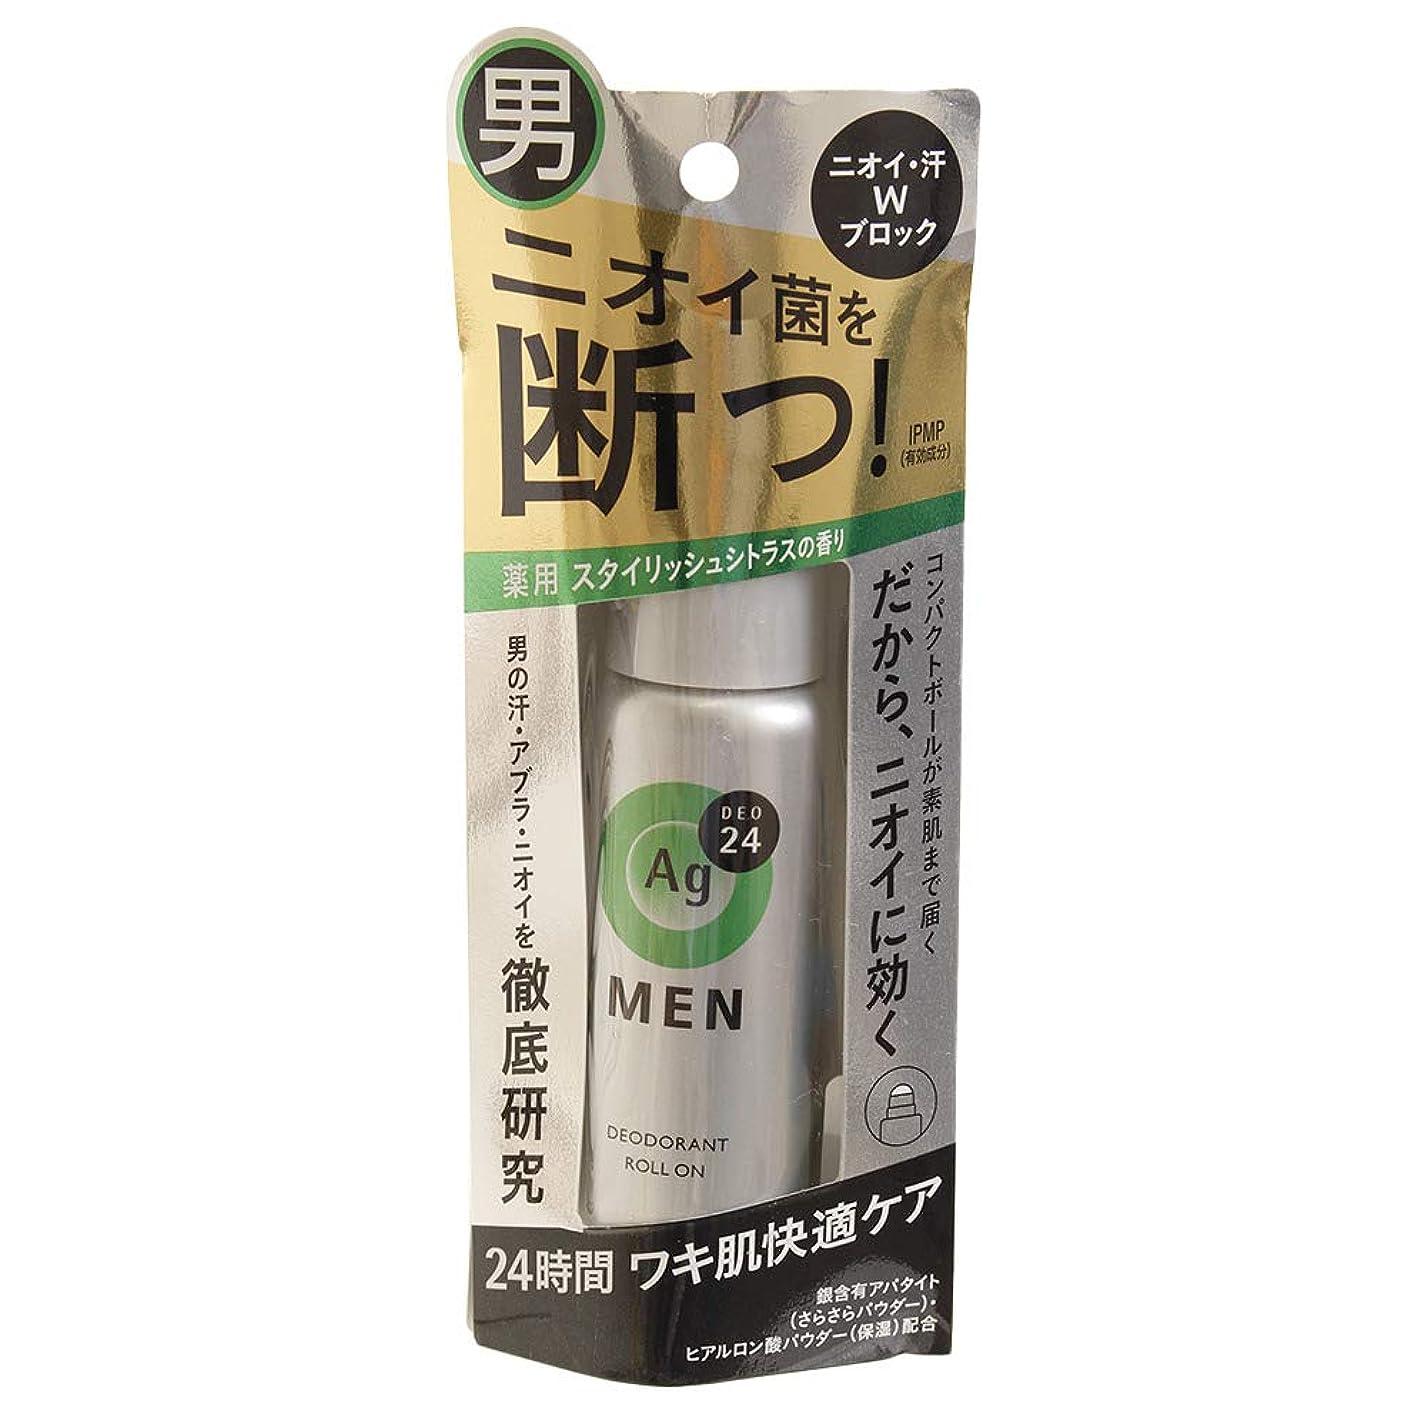 黄ばむ規則性蒸(資生堂)エージー(Ag)デオ24メン メンズデオドラントロールオン スタイリッシュシトラスの香り 60ml(医薬部外品)(お買い得3個セット)